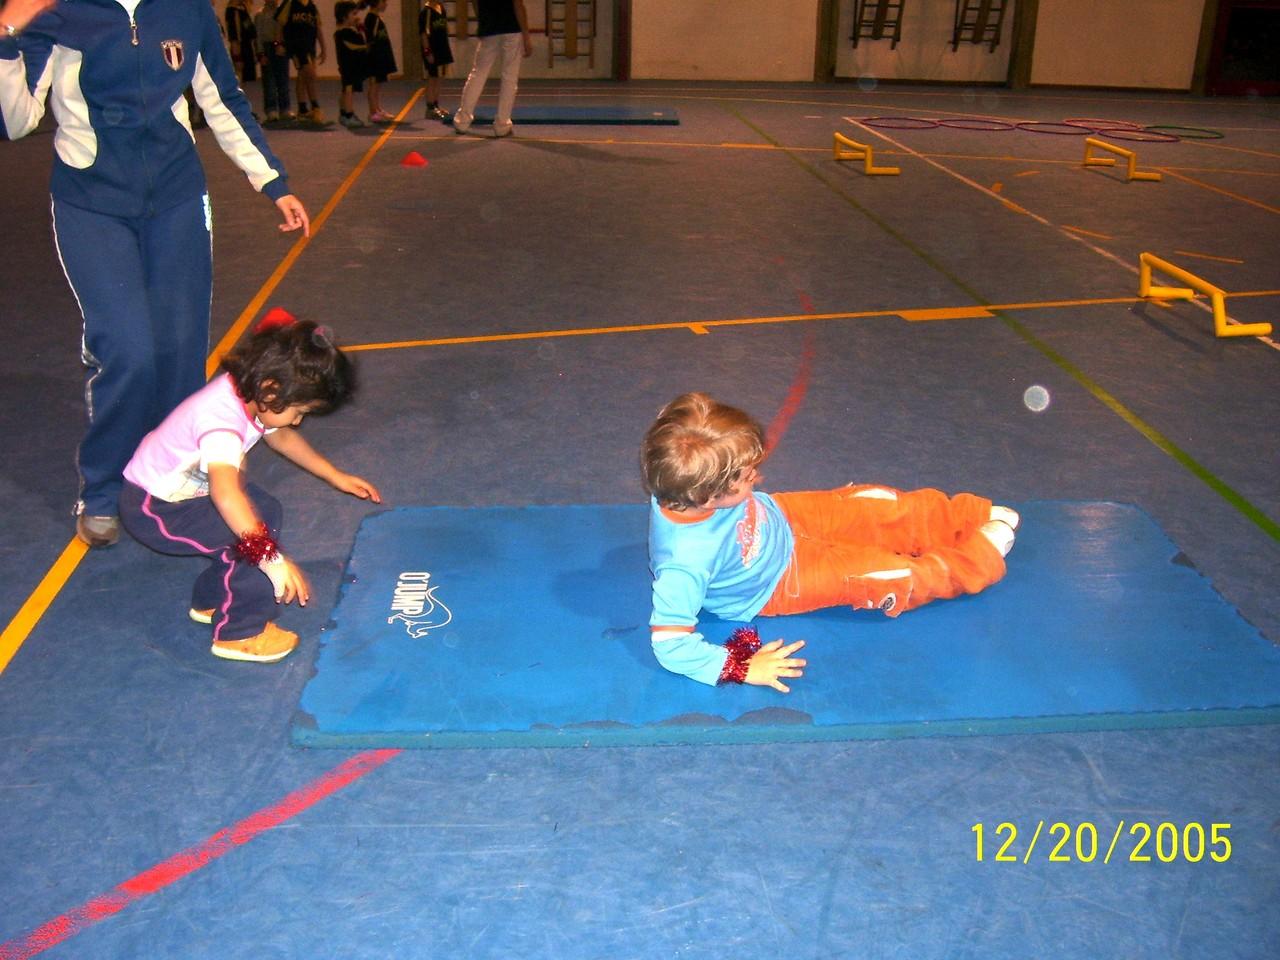 Festa di Naltale 2005 - Percorso cambio palla